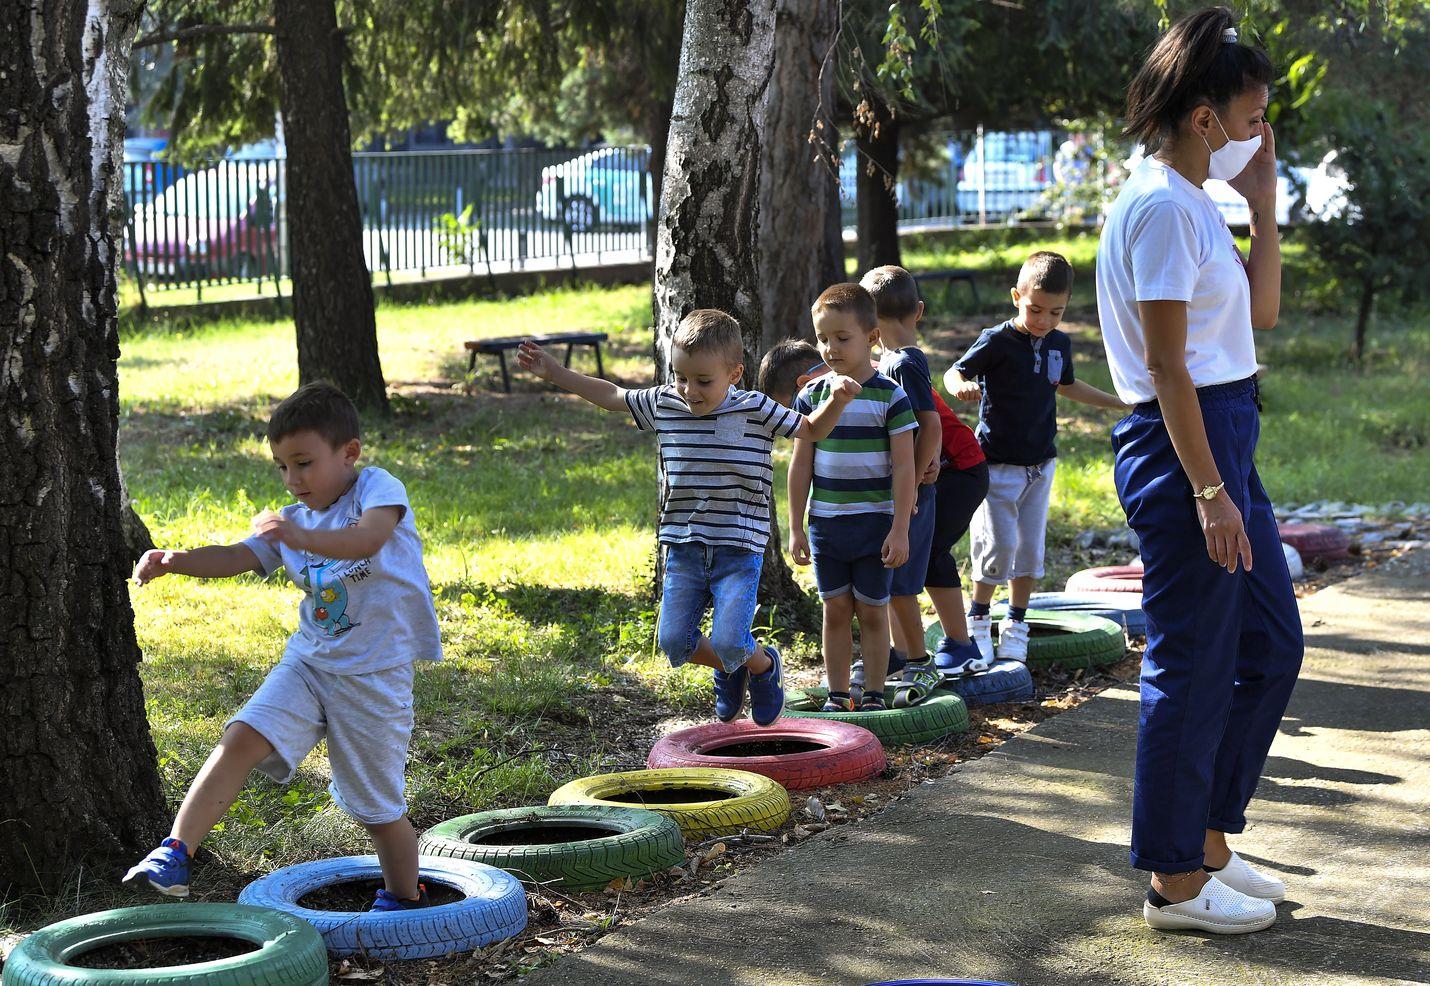 Lapset leikkivät keskiviikkona Skopjessa päiväkodissa, joka avautui pitkän tauon jälkeen. Päiväkodit suljettiin maaliskuussa koronapandemian takia.